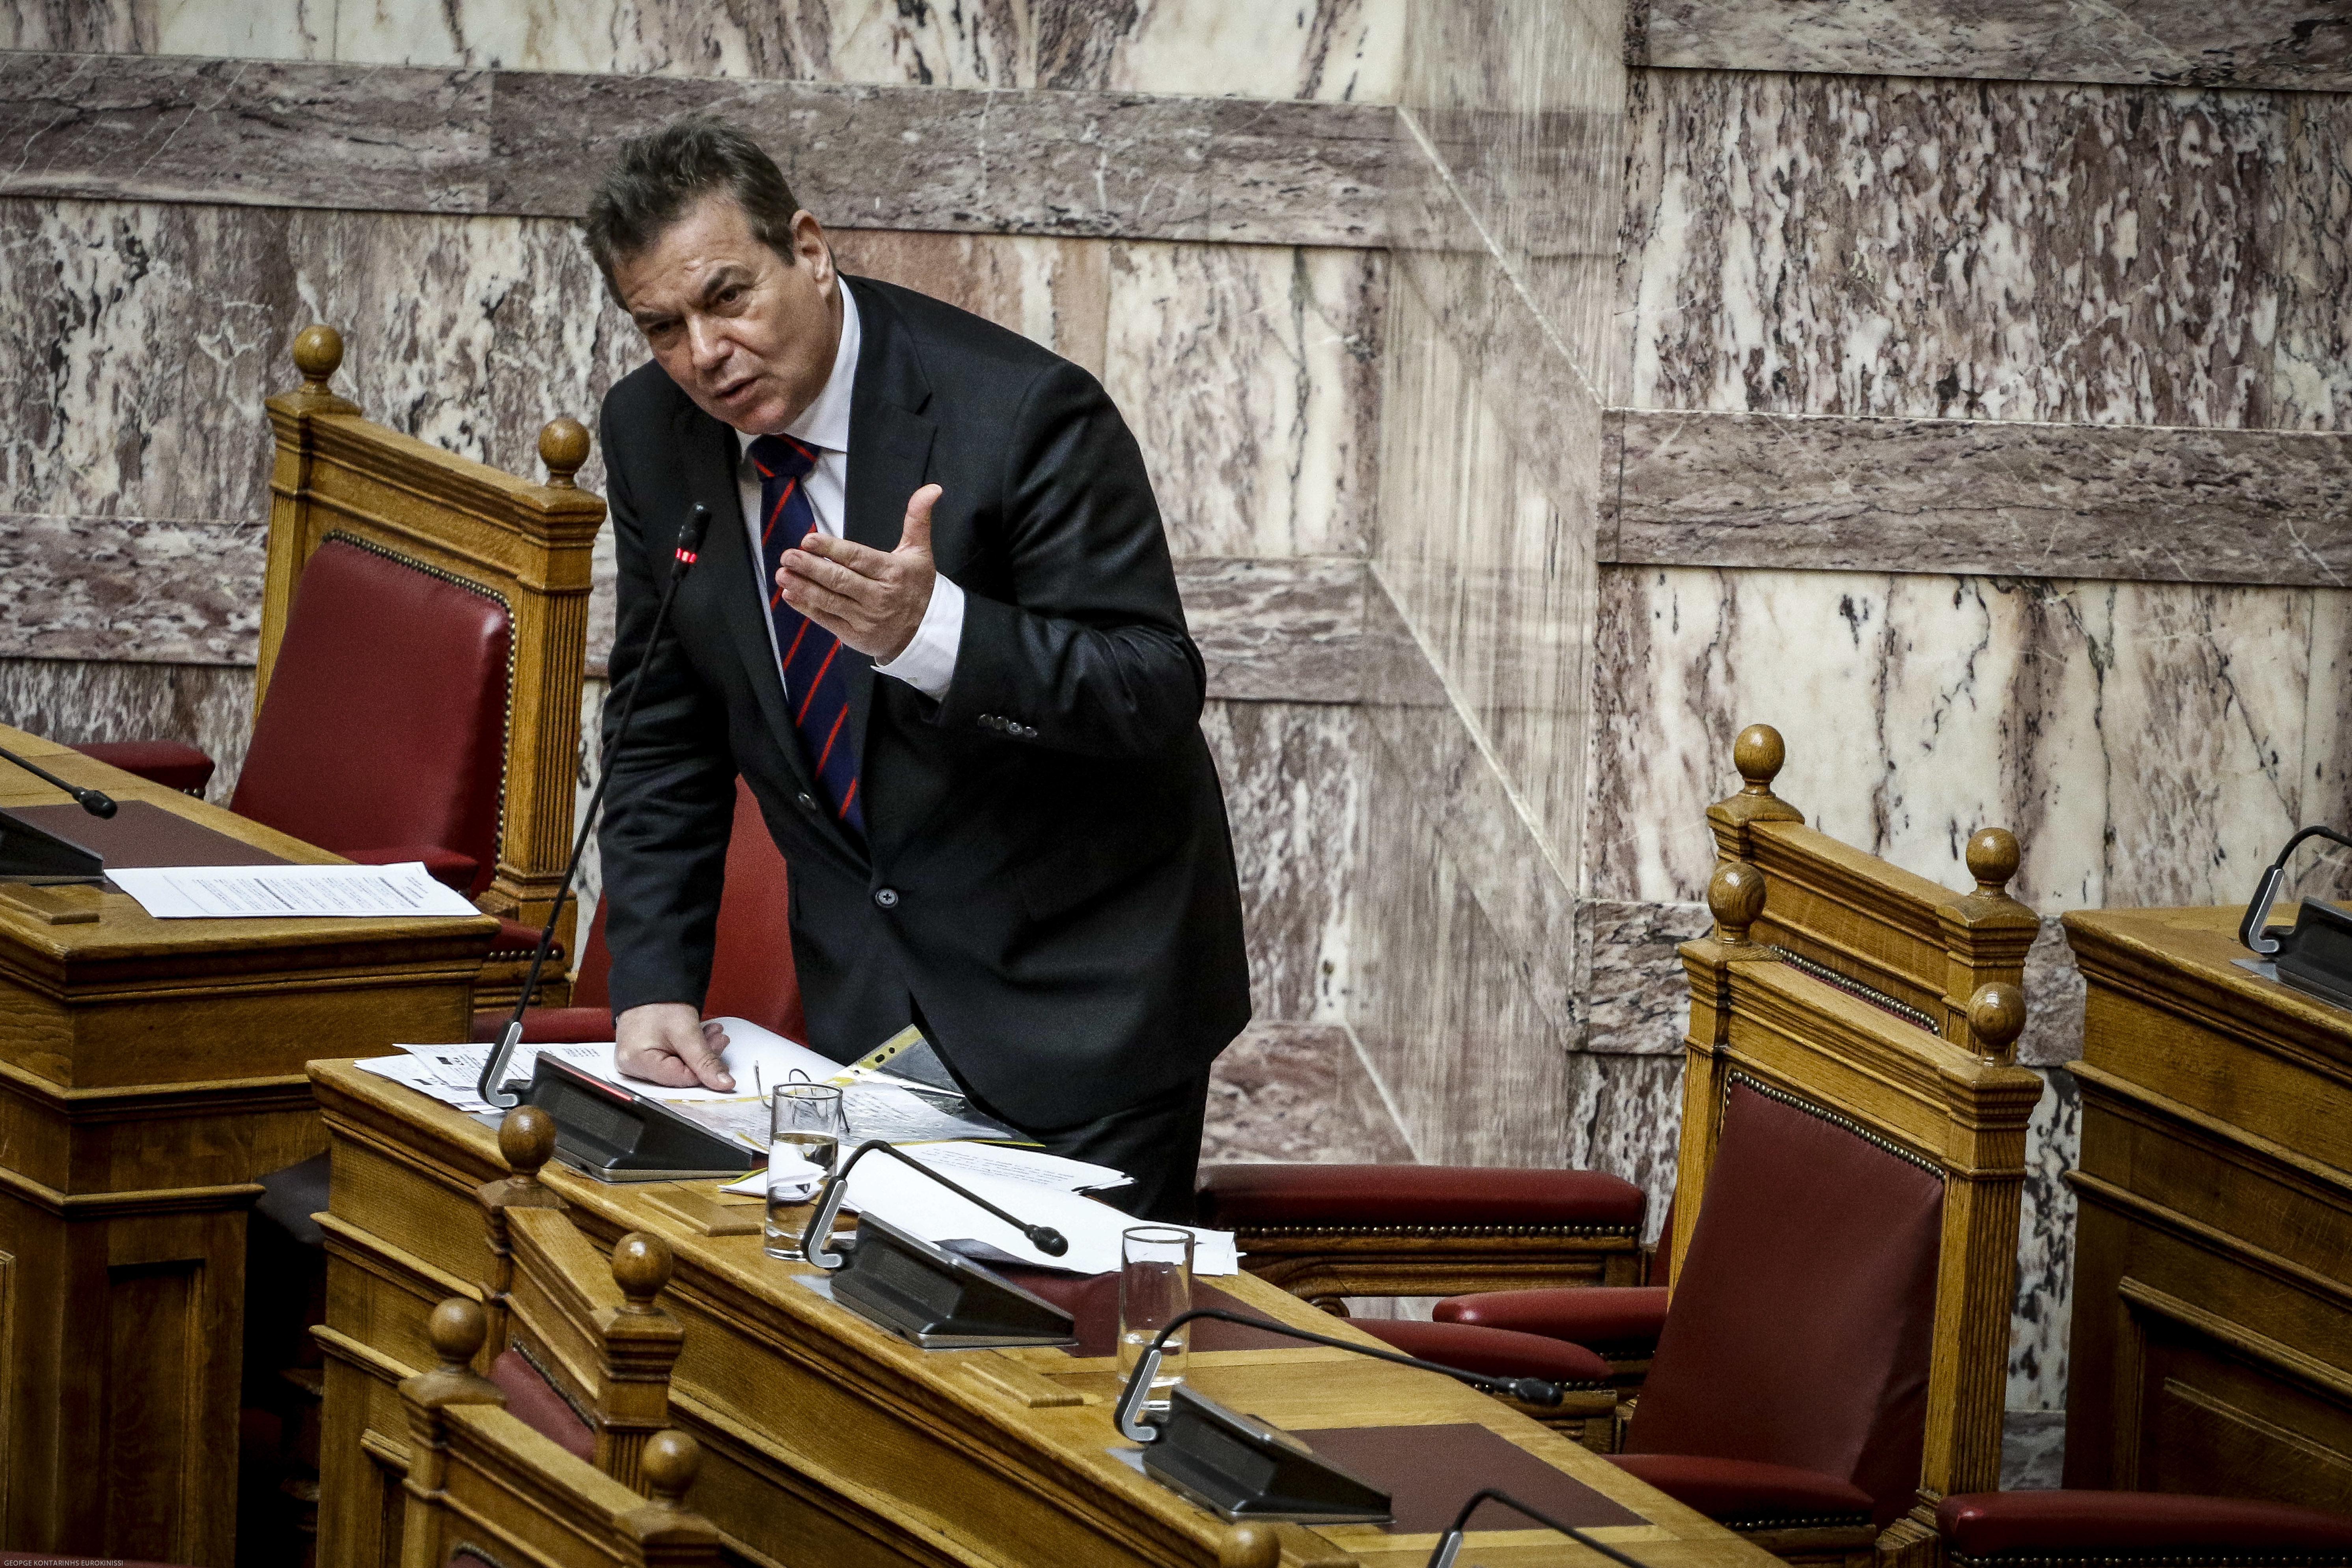 Πετρόπουλος σε υποψήφιο διοικητή ΕΦΚΑ: Απέσυρε τώρα την υποψηφιότητά